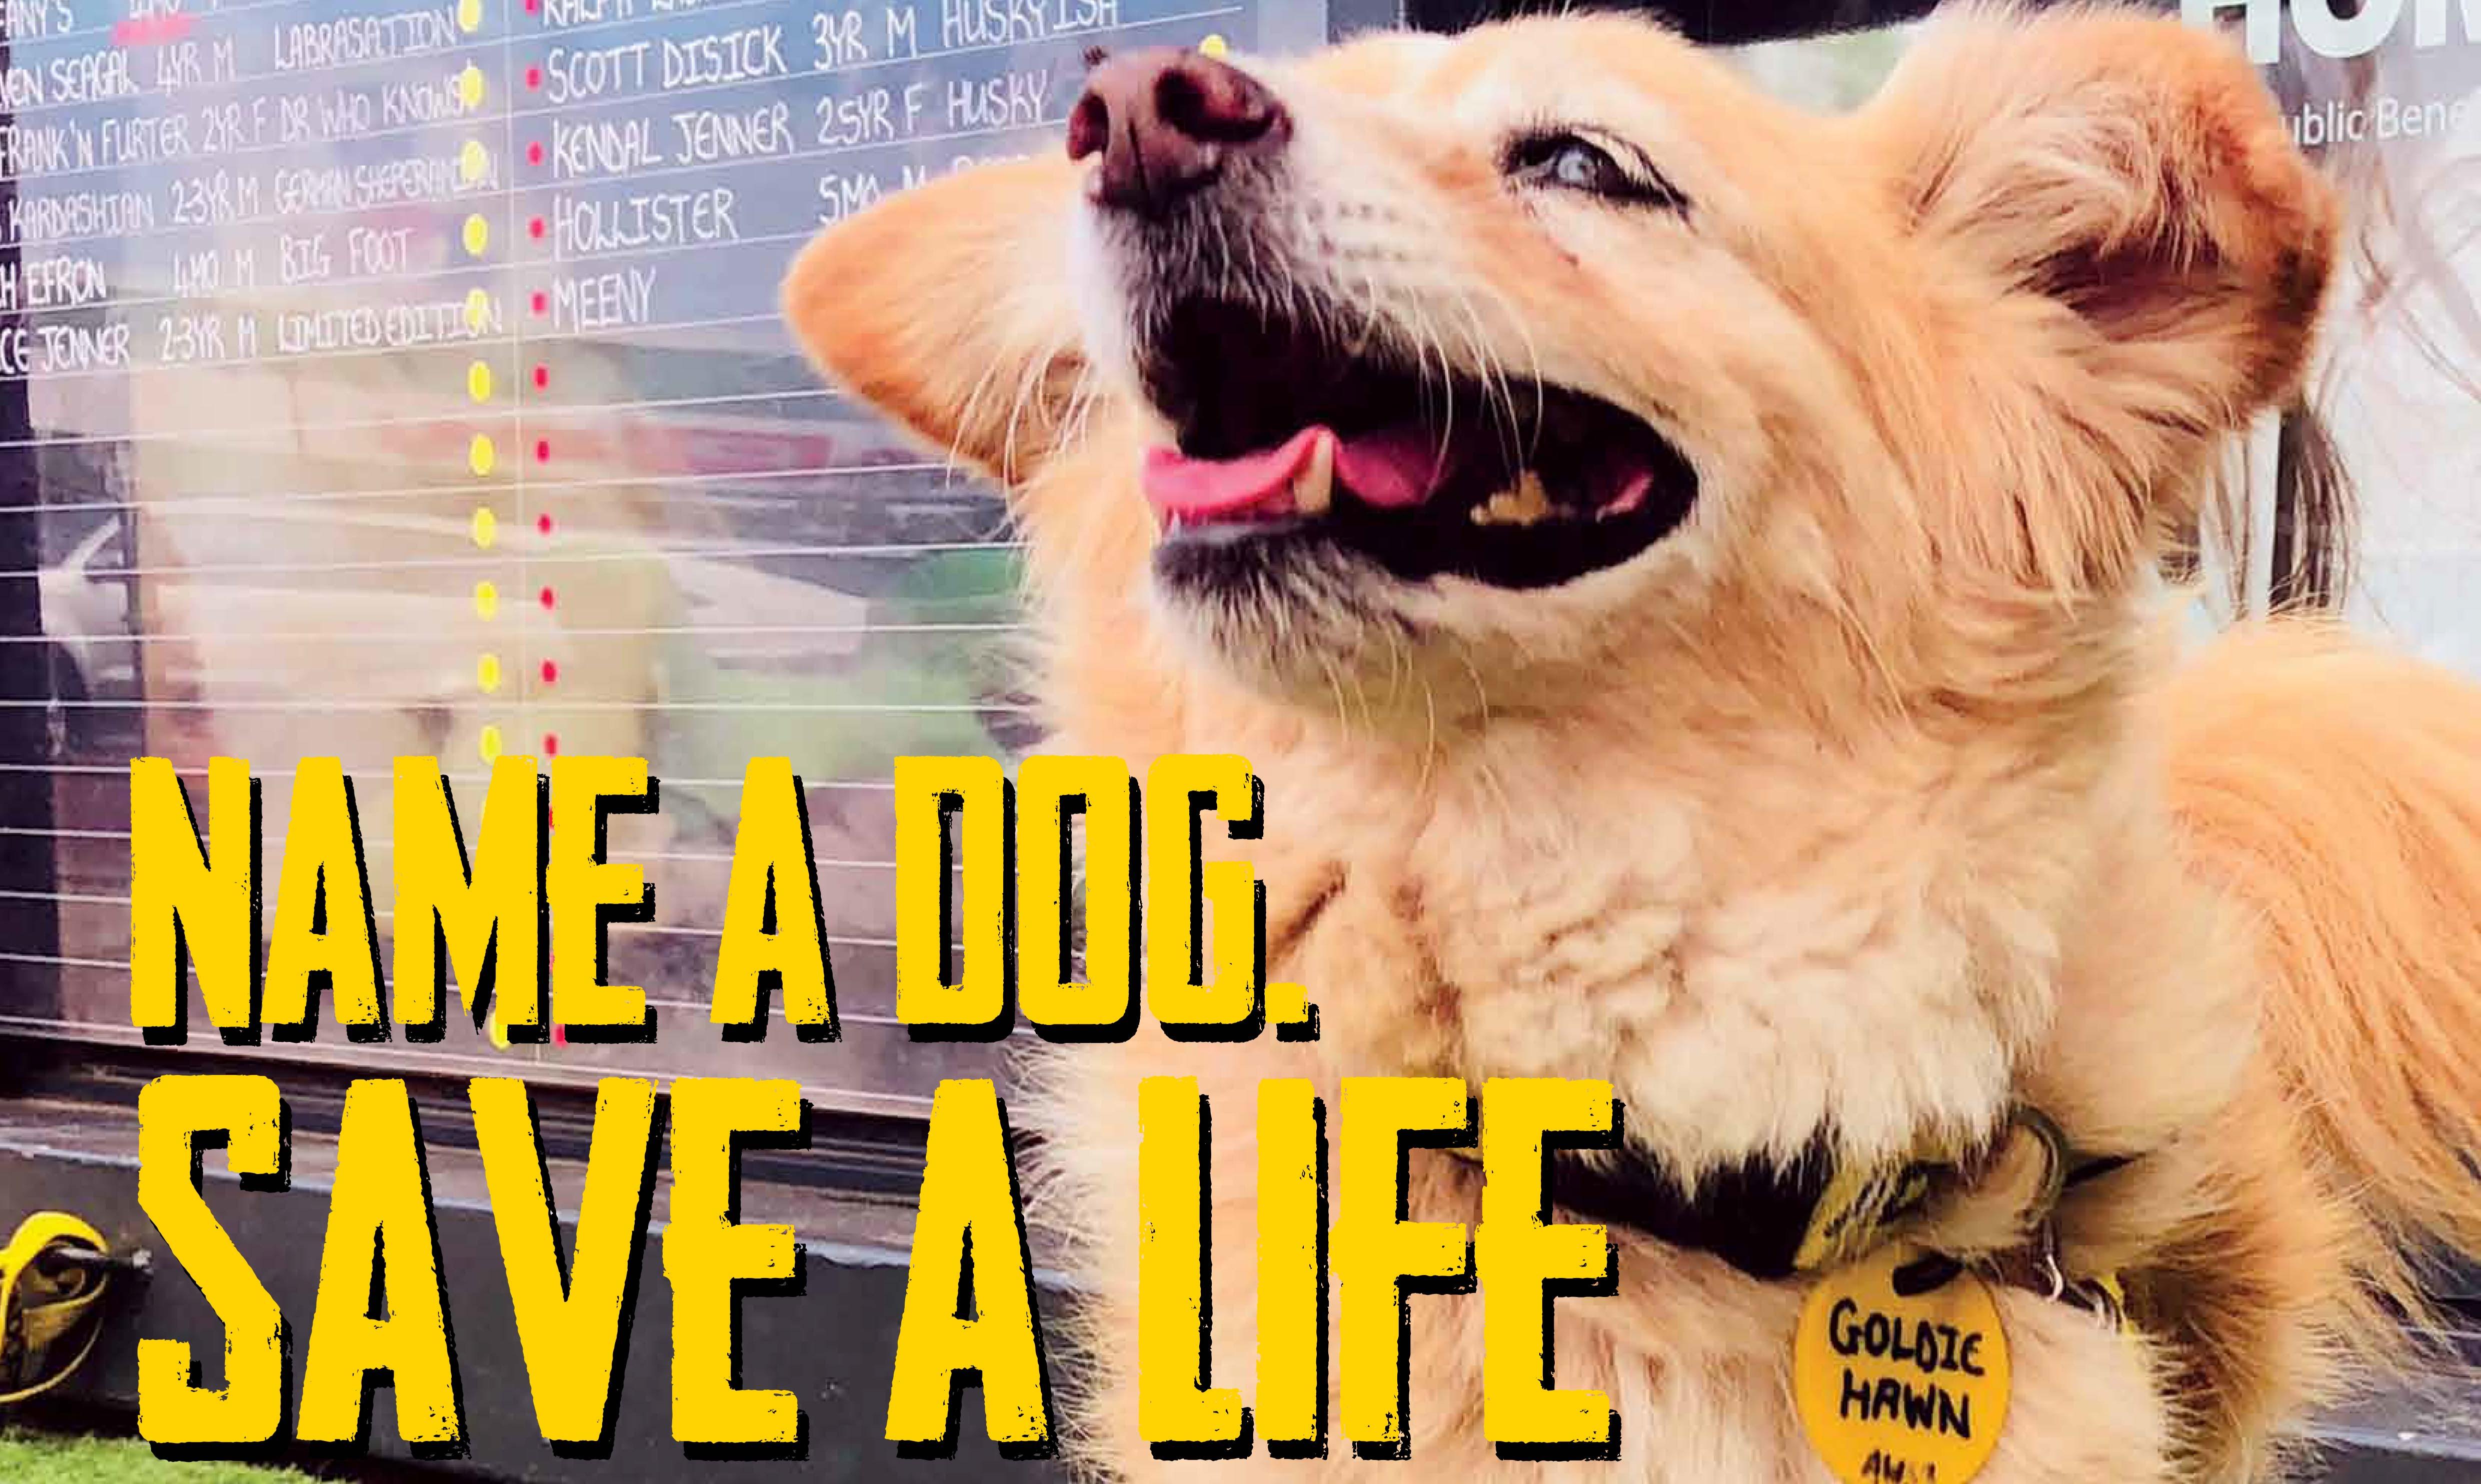 Oscars Arc   Name a dog. Save a life.